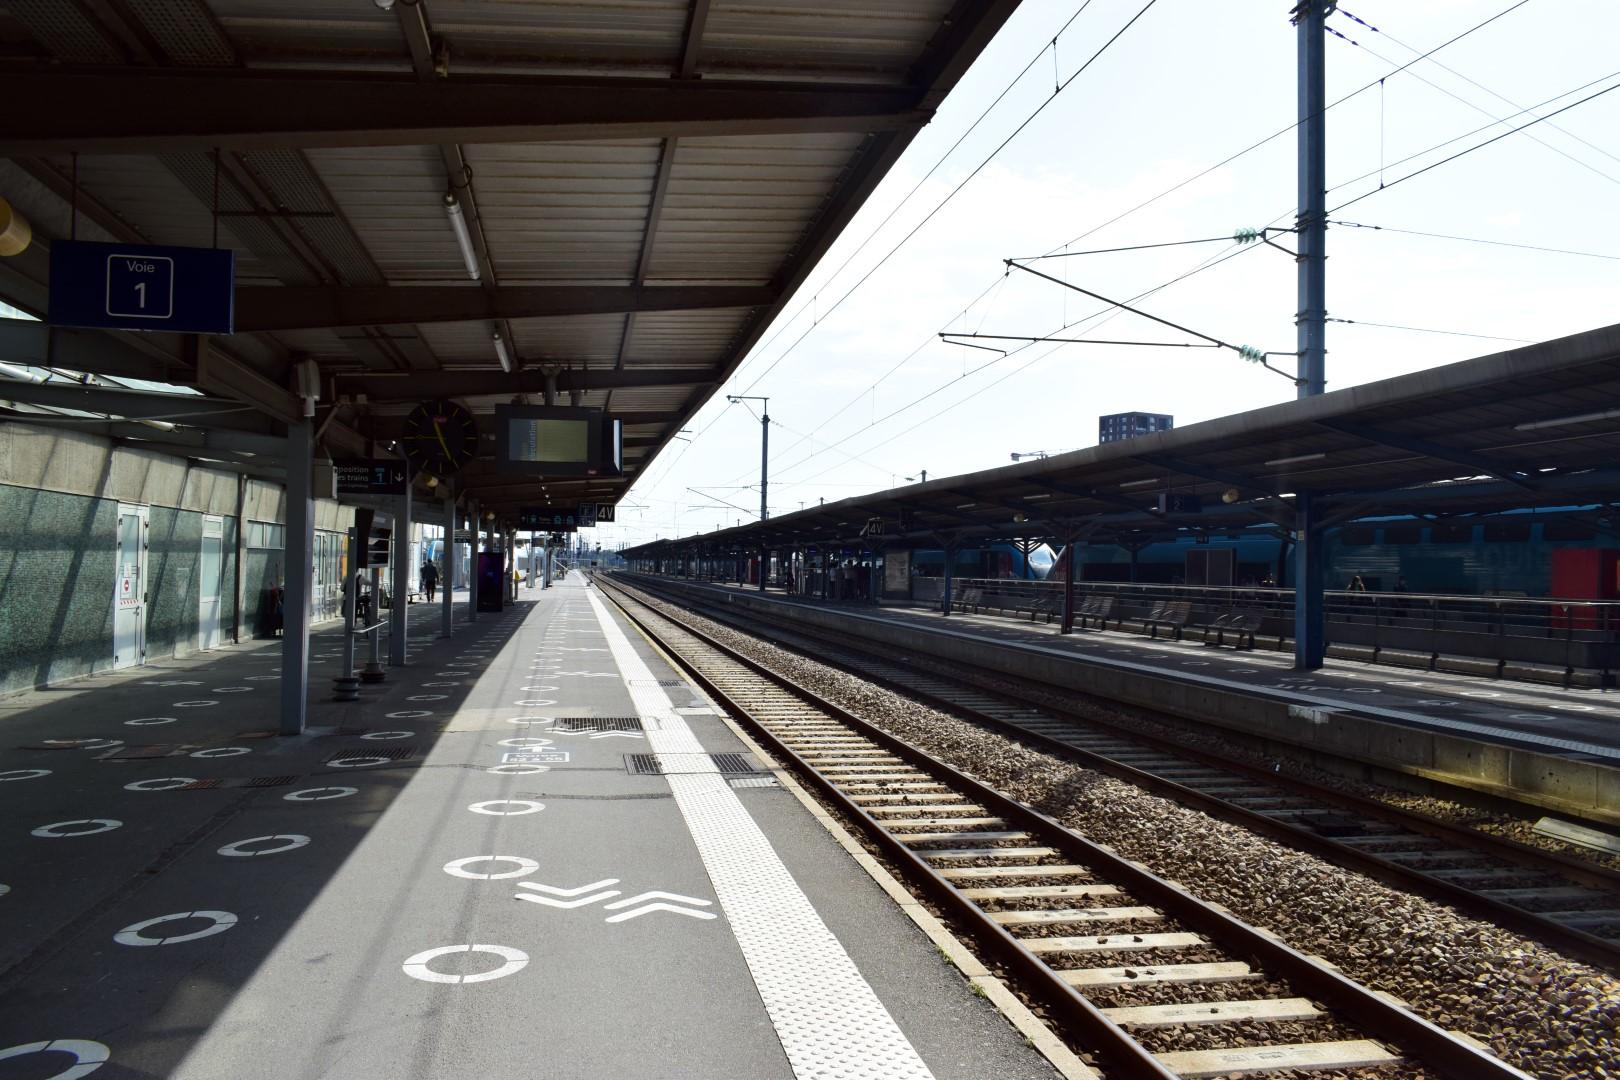 Nantes' train station, 11:47 a.m.